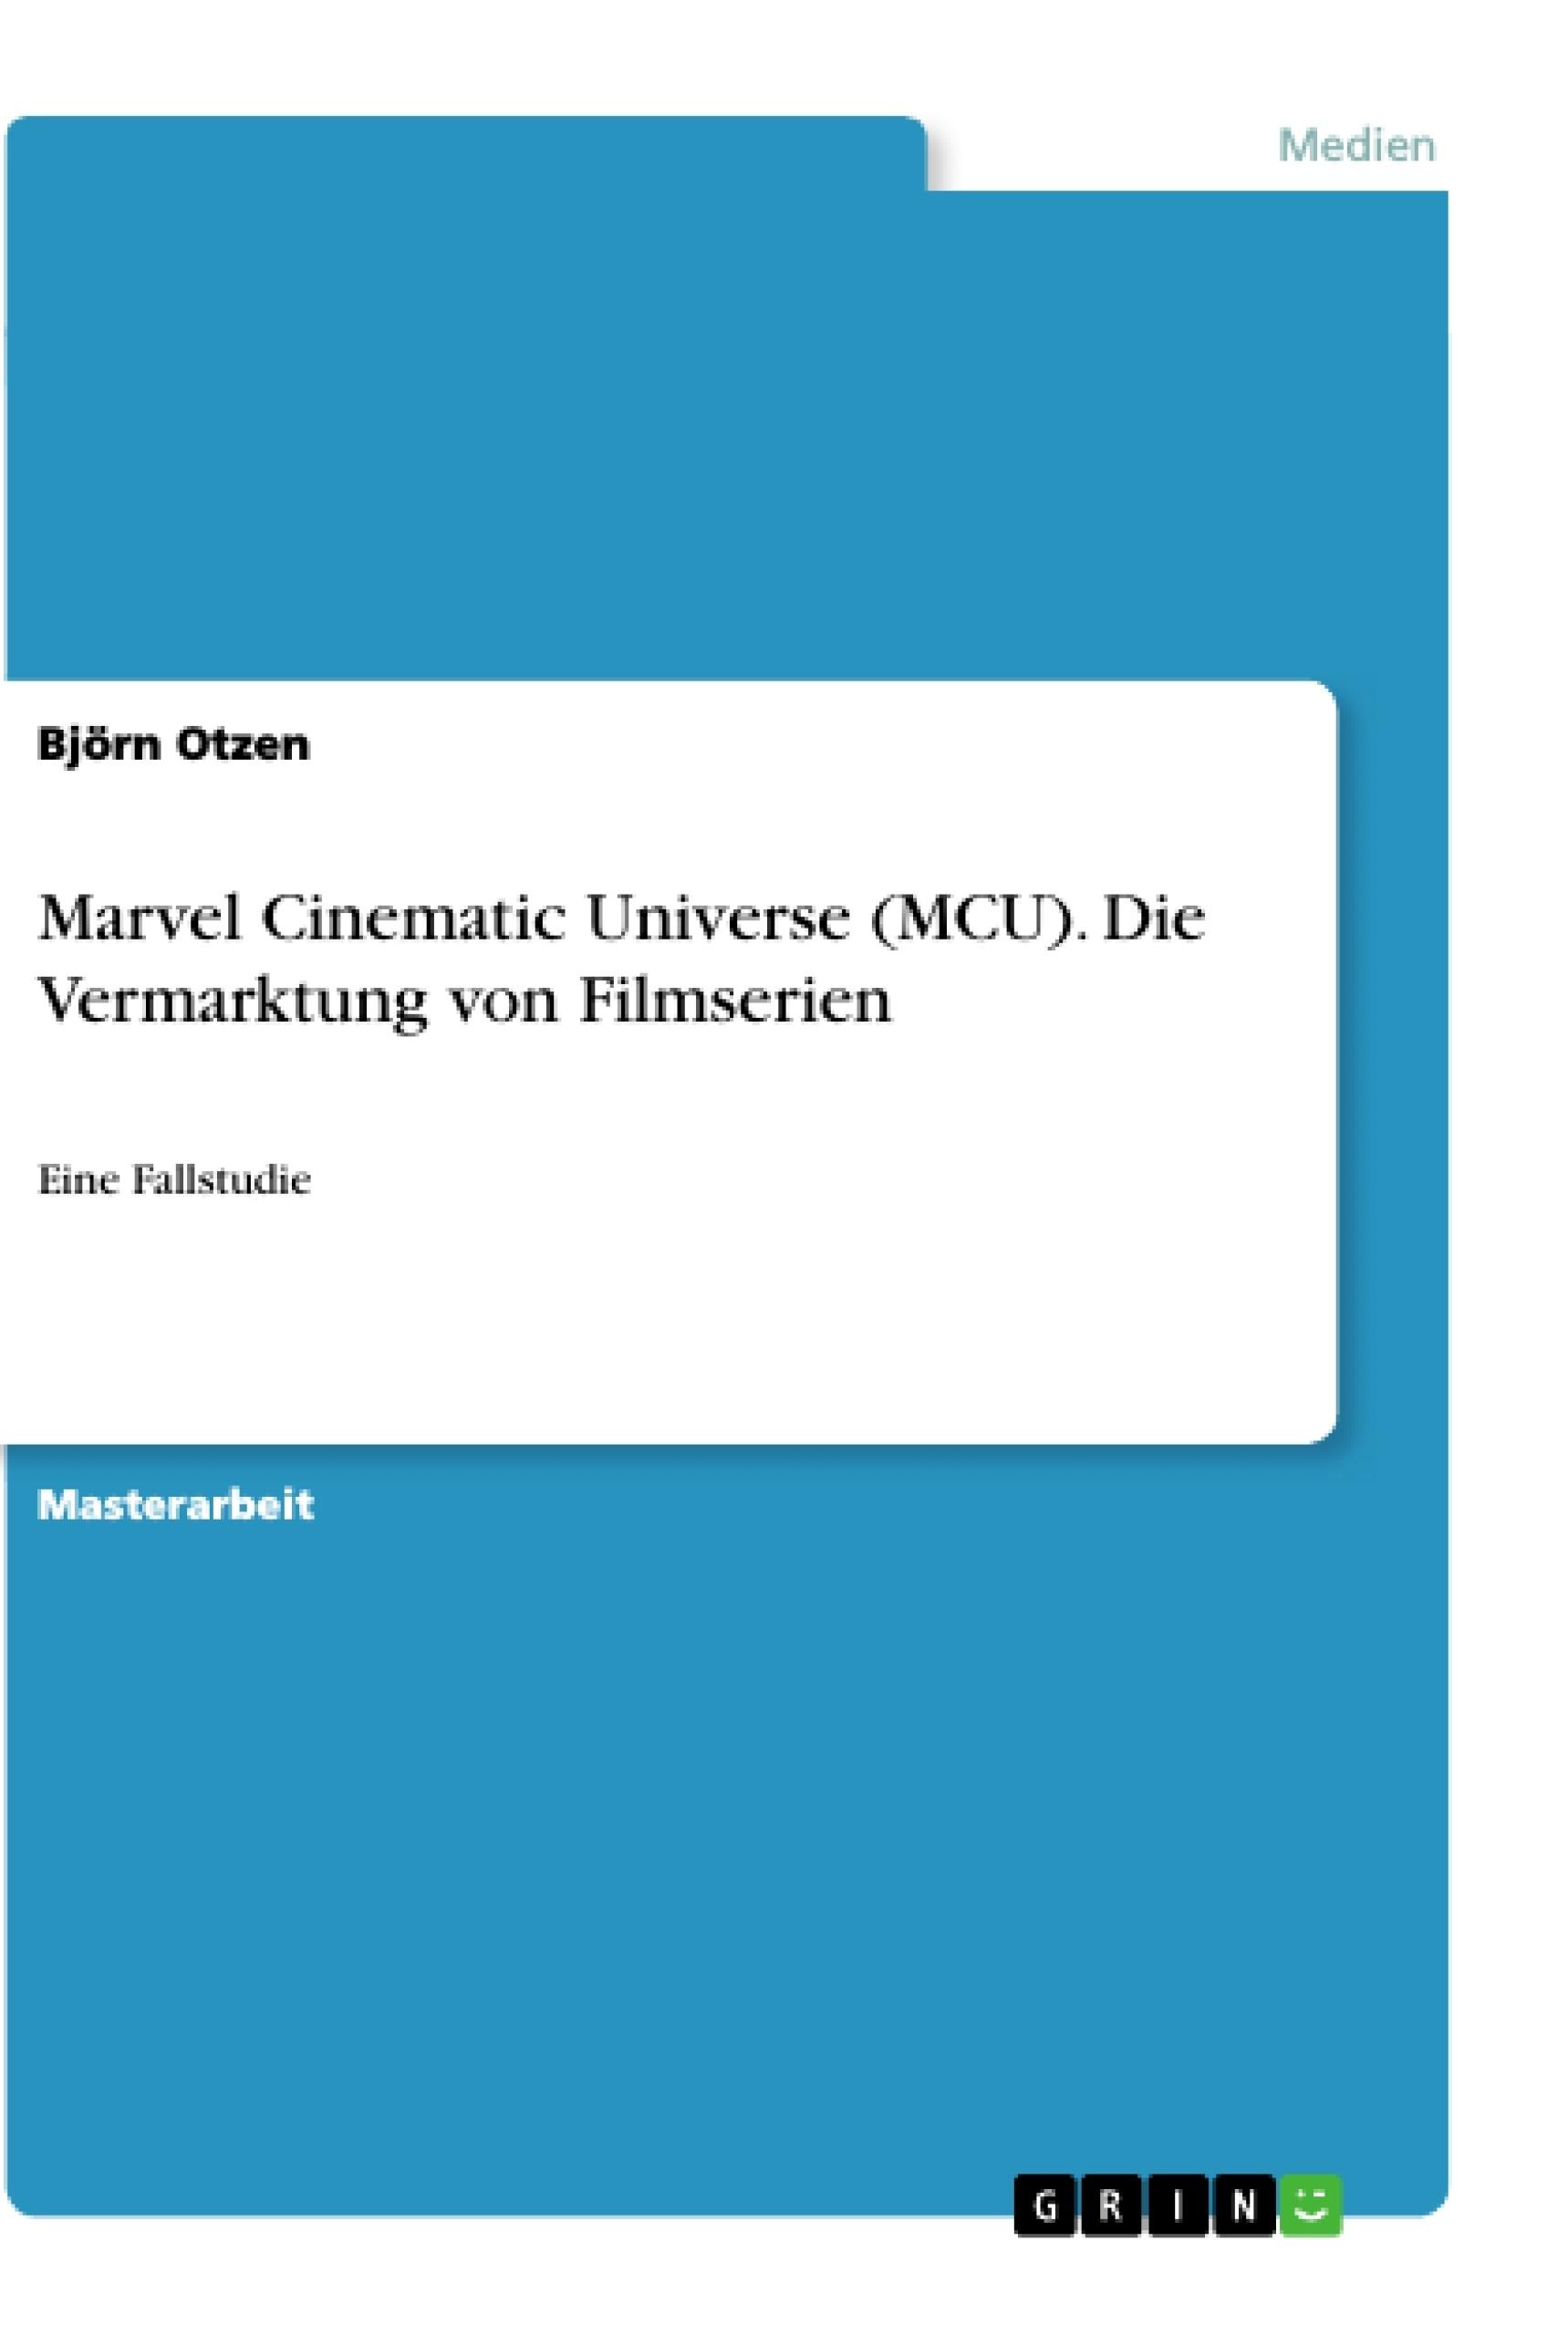 Titel: Marvel Cinematic Universe (MCU). Die Vermarktung von Filmserien